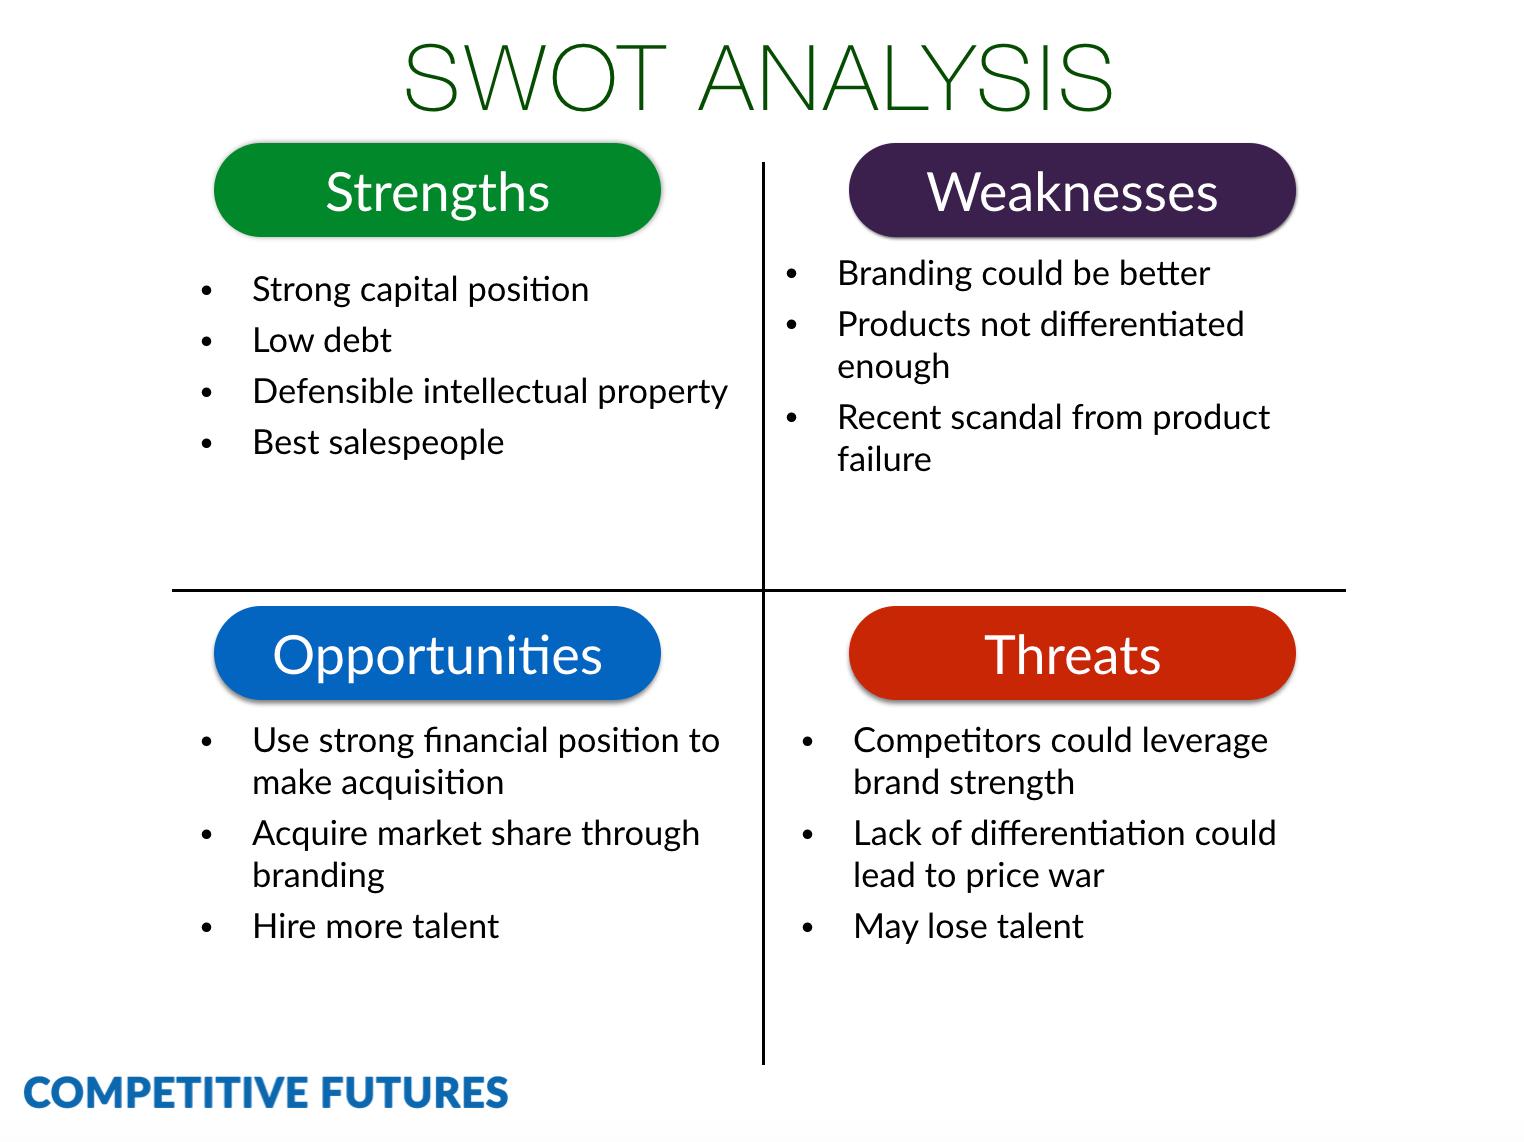 Why Swotysis Sucks